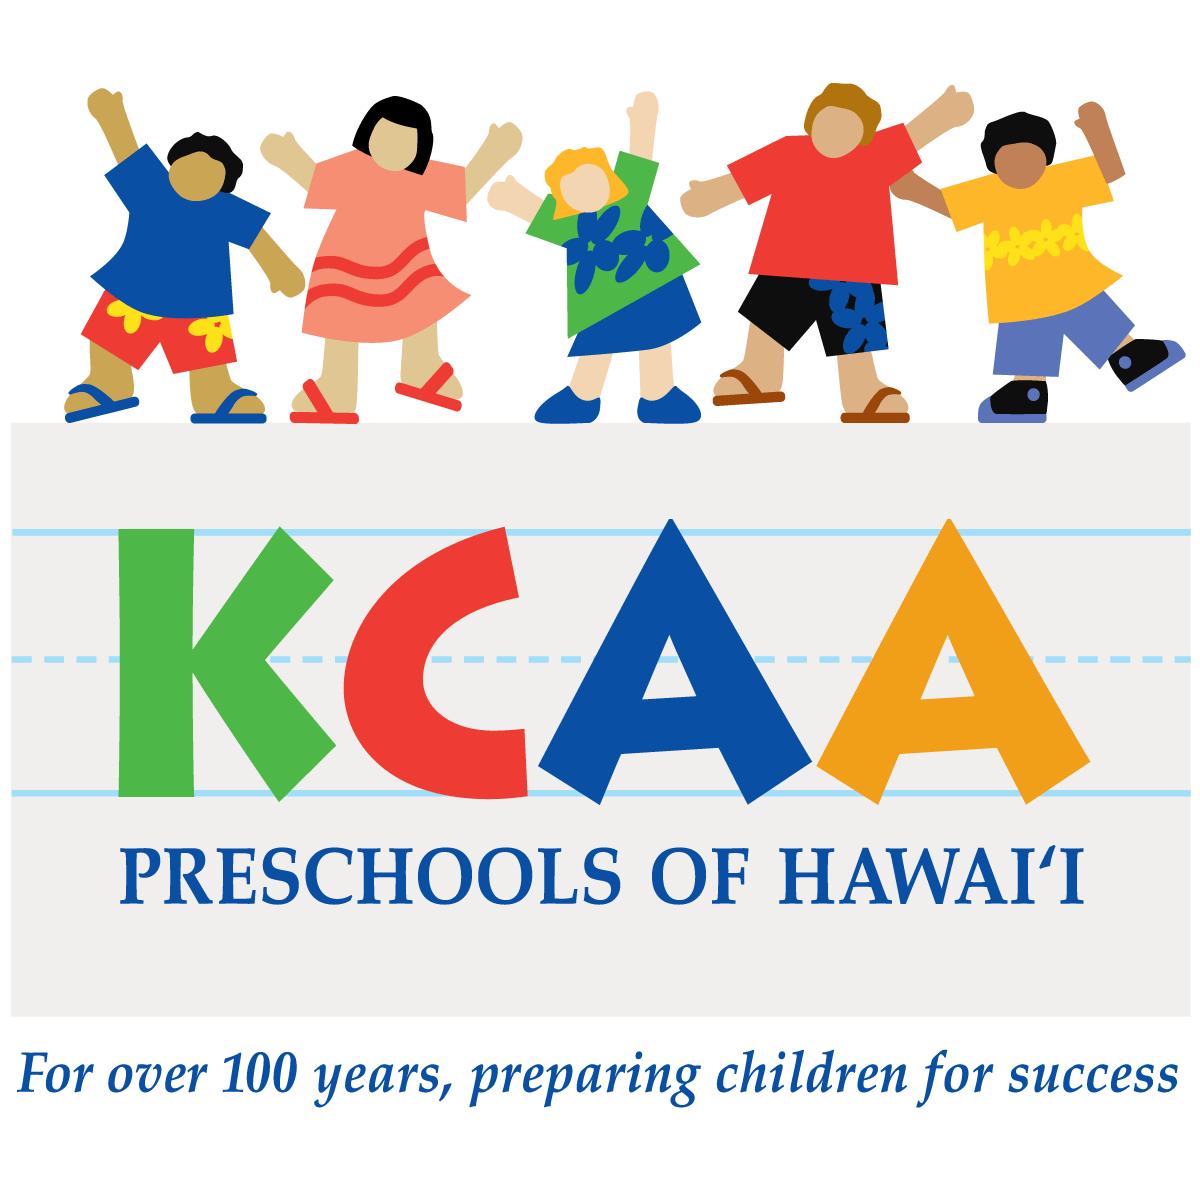 Drivers license clipart graduated driver. Kcaa preschools of hawaii